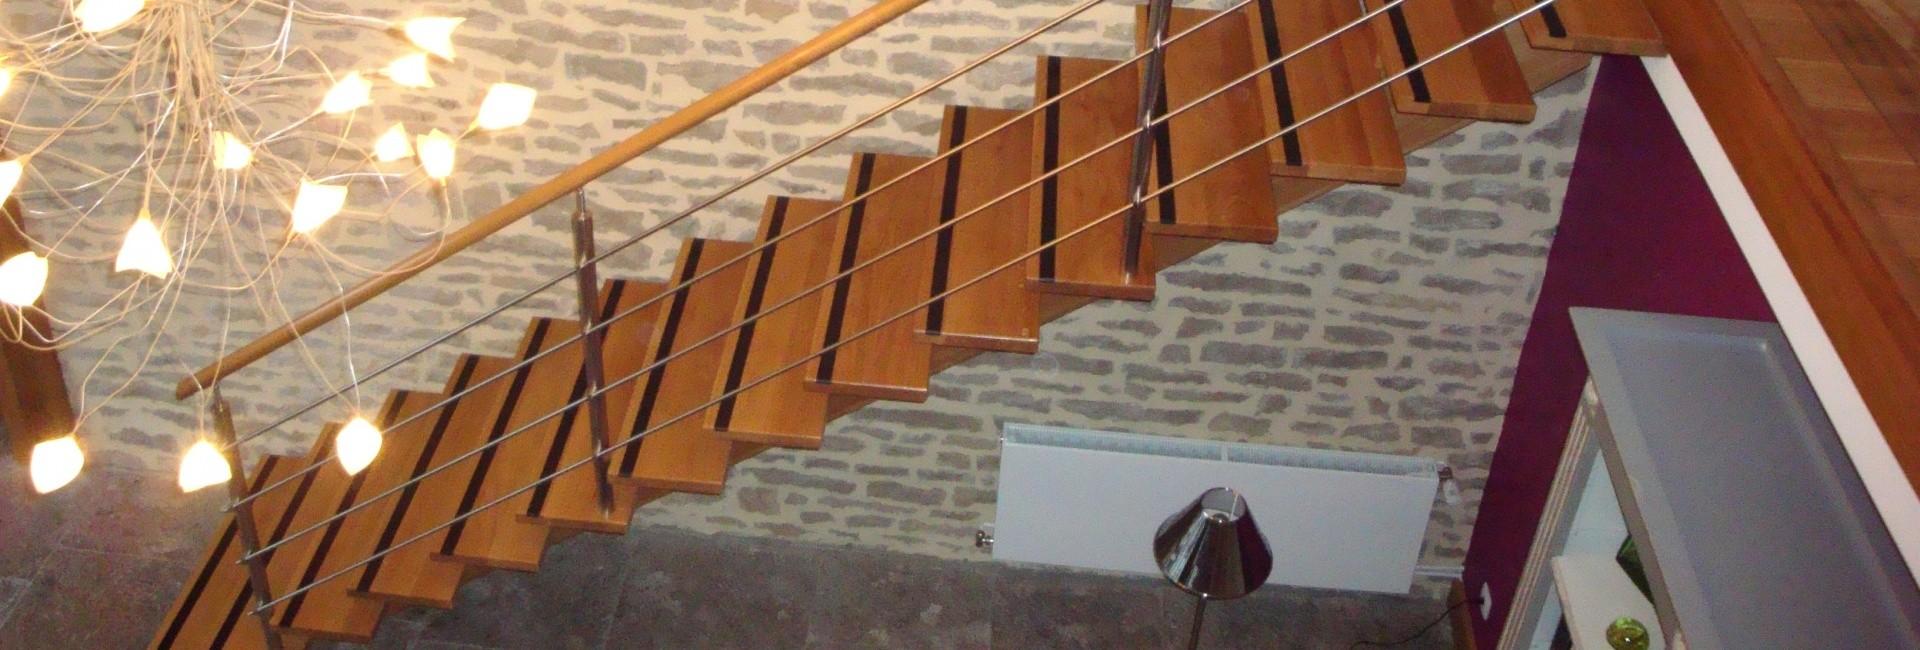 Escalier limon central /